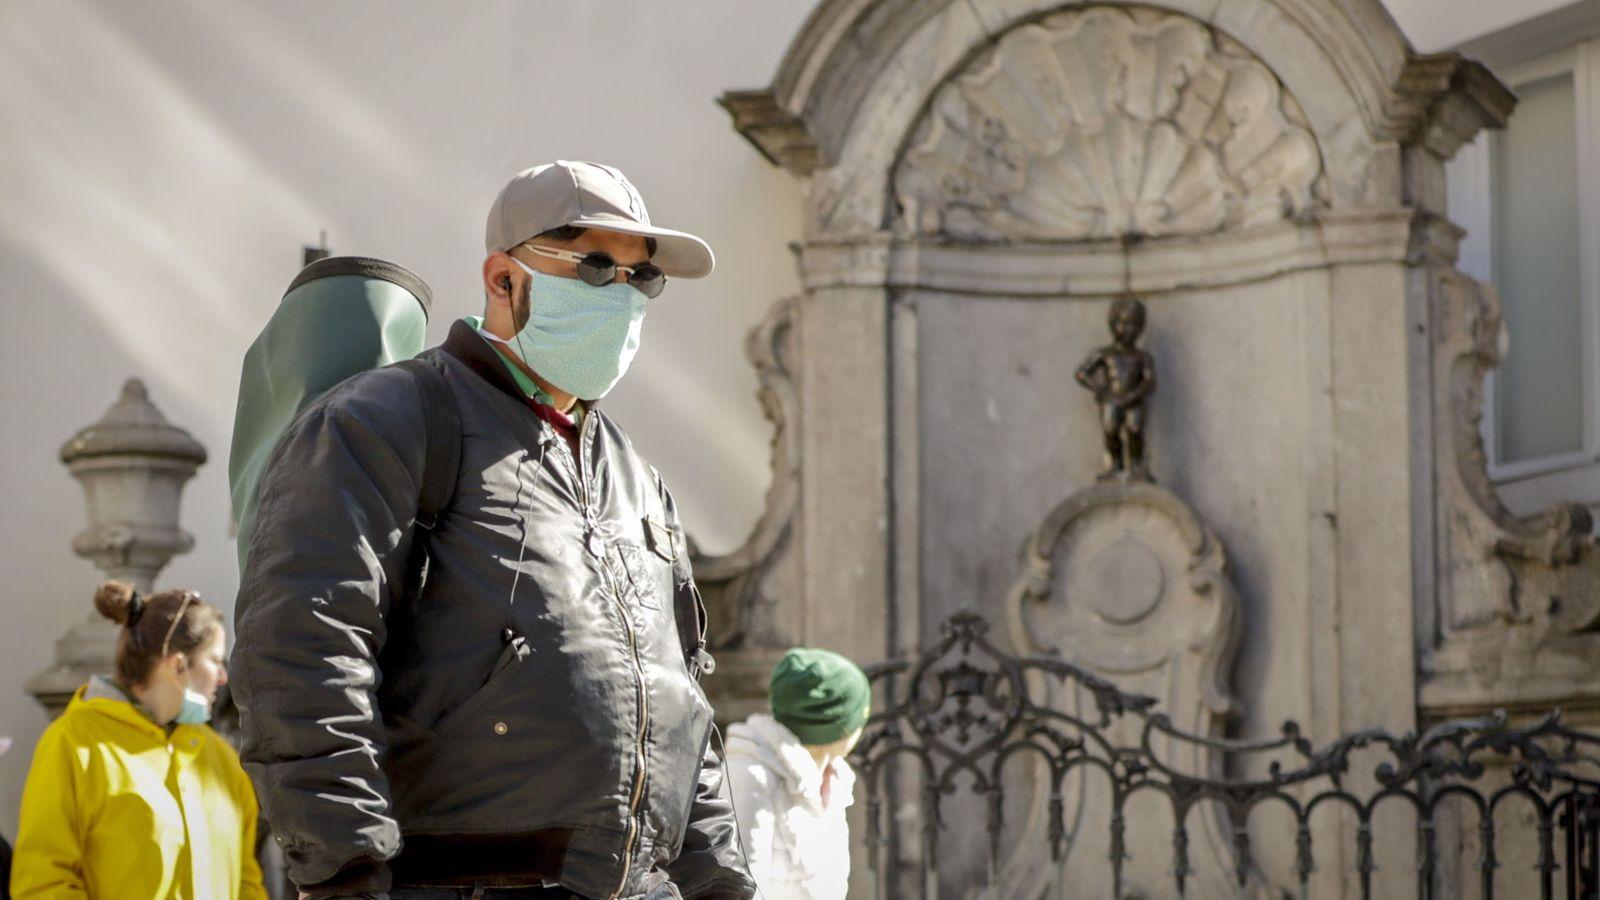 Bélgica compra 100.000 mascarillas a China … Y las recibe defectuosas y de Colombia